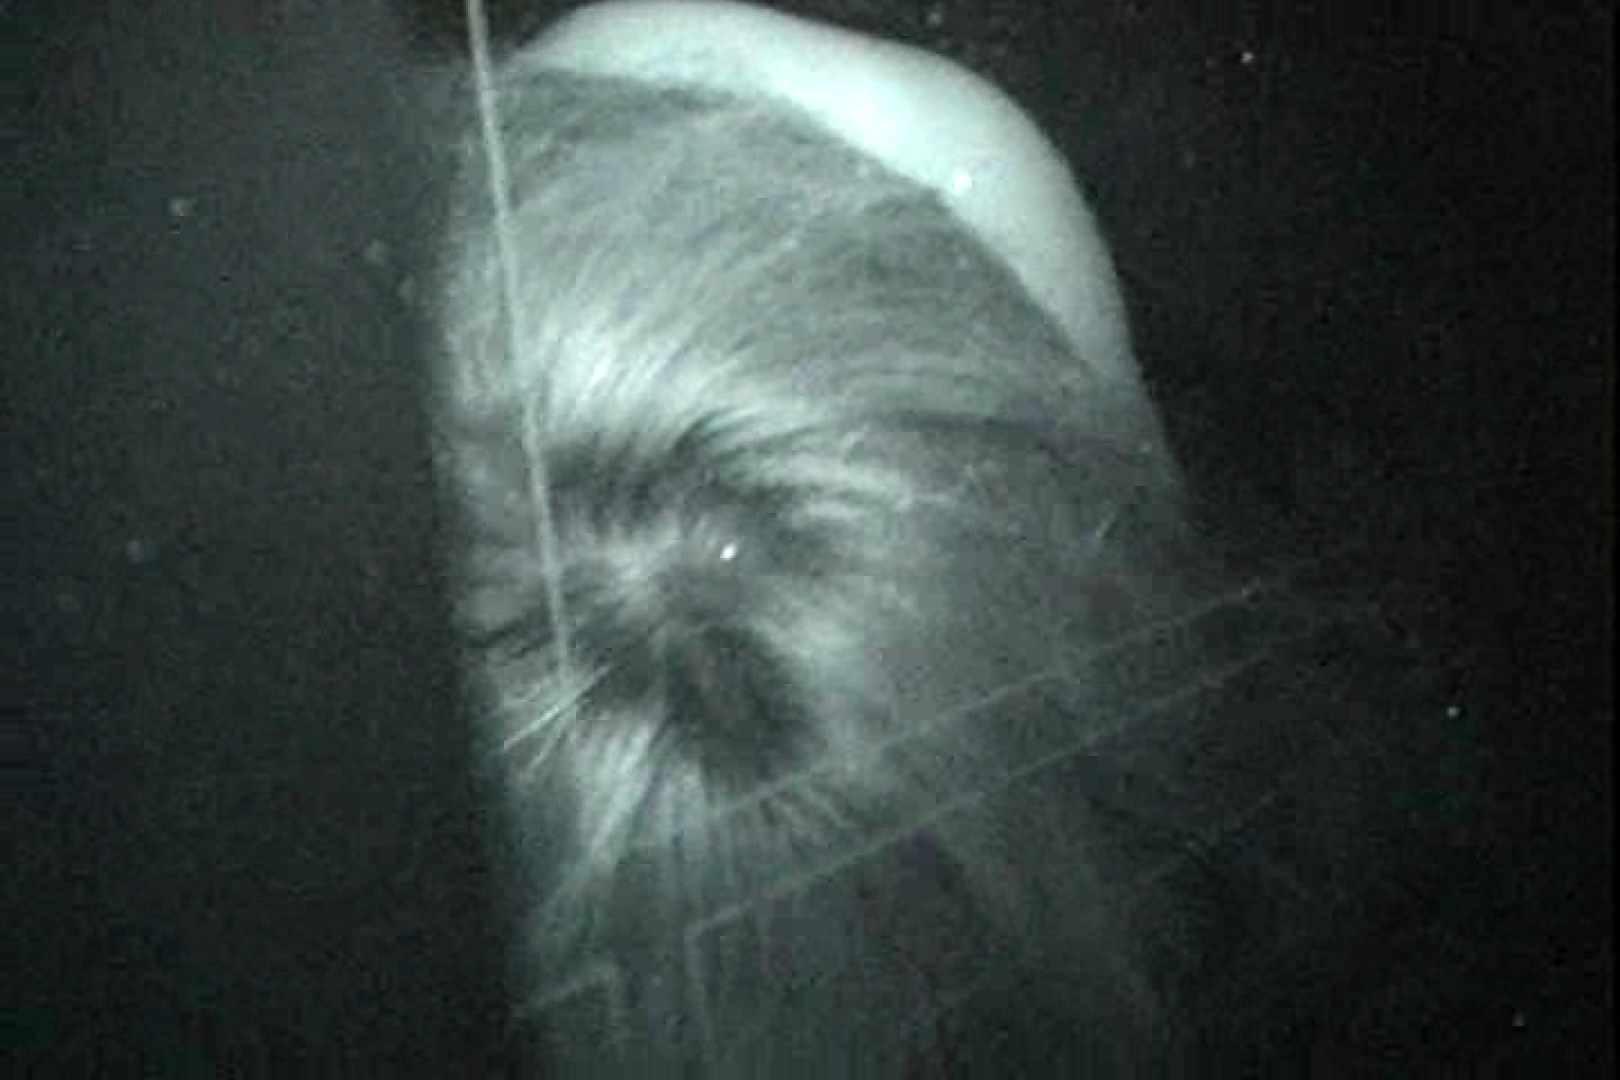 充血監督の深夜の運動会Vol.39 エロティックなOL セックス無修正動画無料 56画像 50